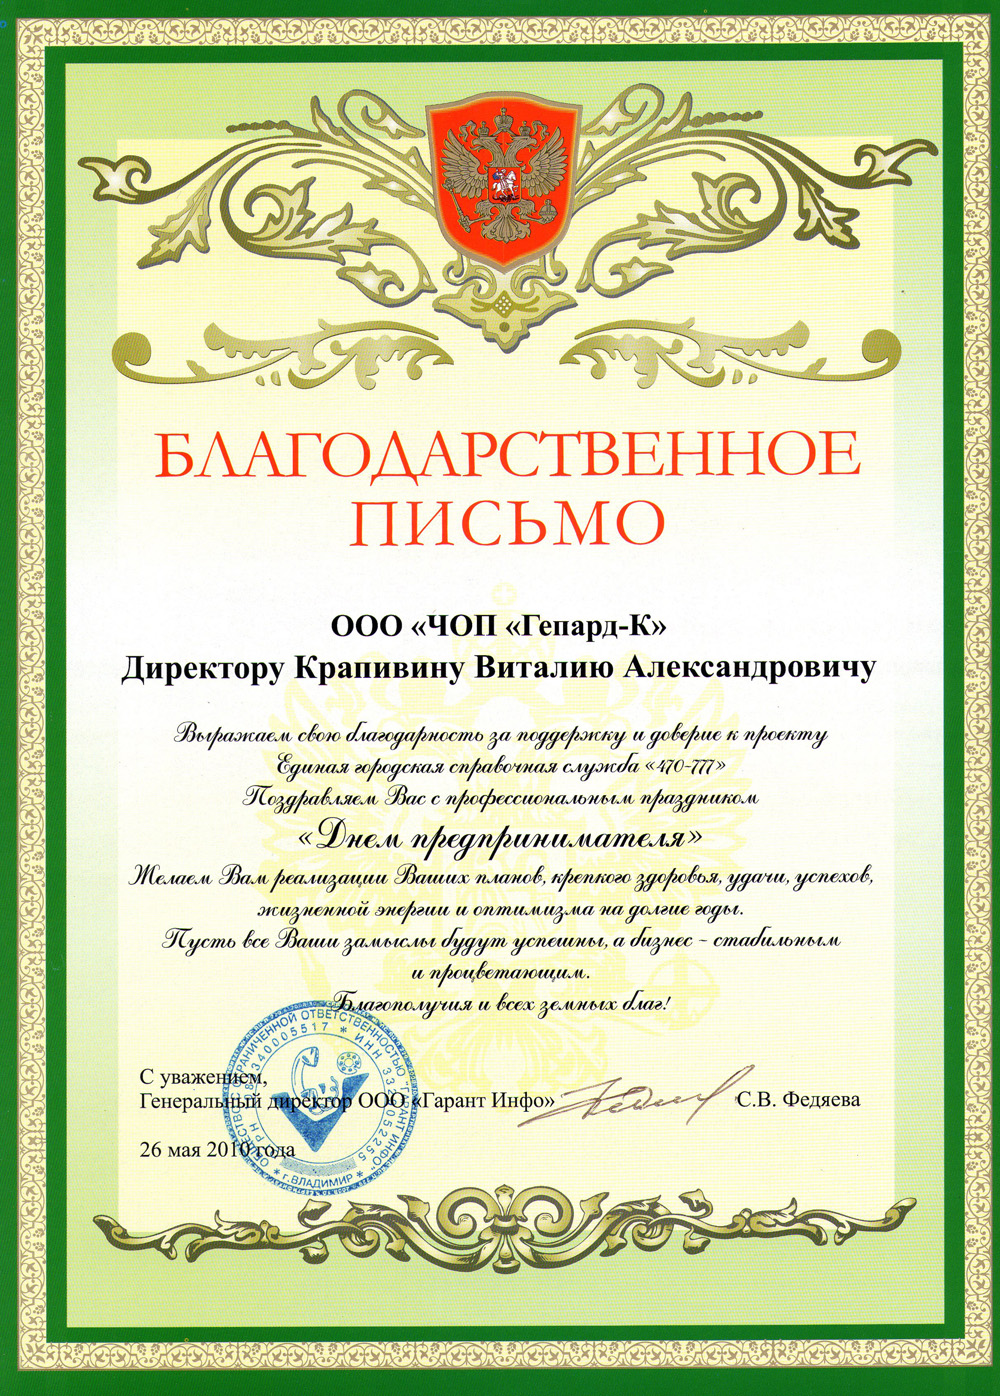 Голосовые поздравления с днем рождения по именам евдокия